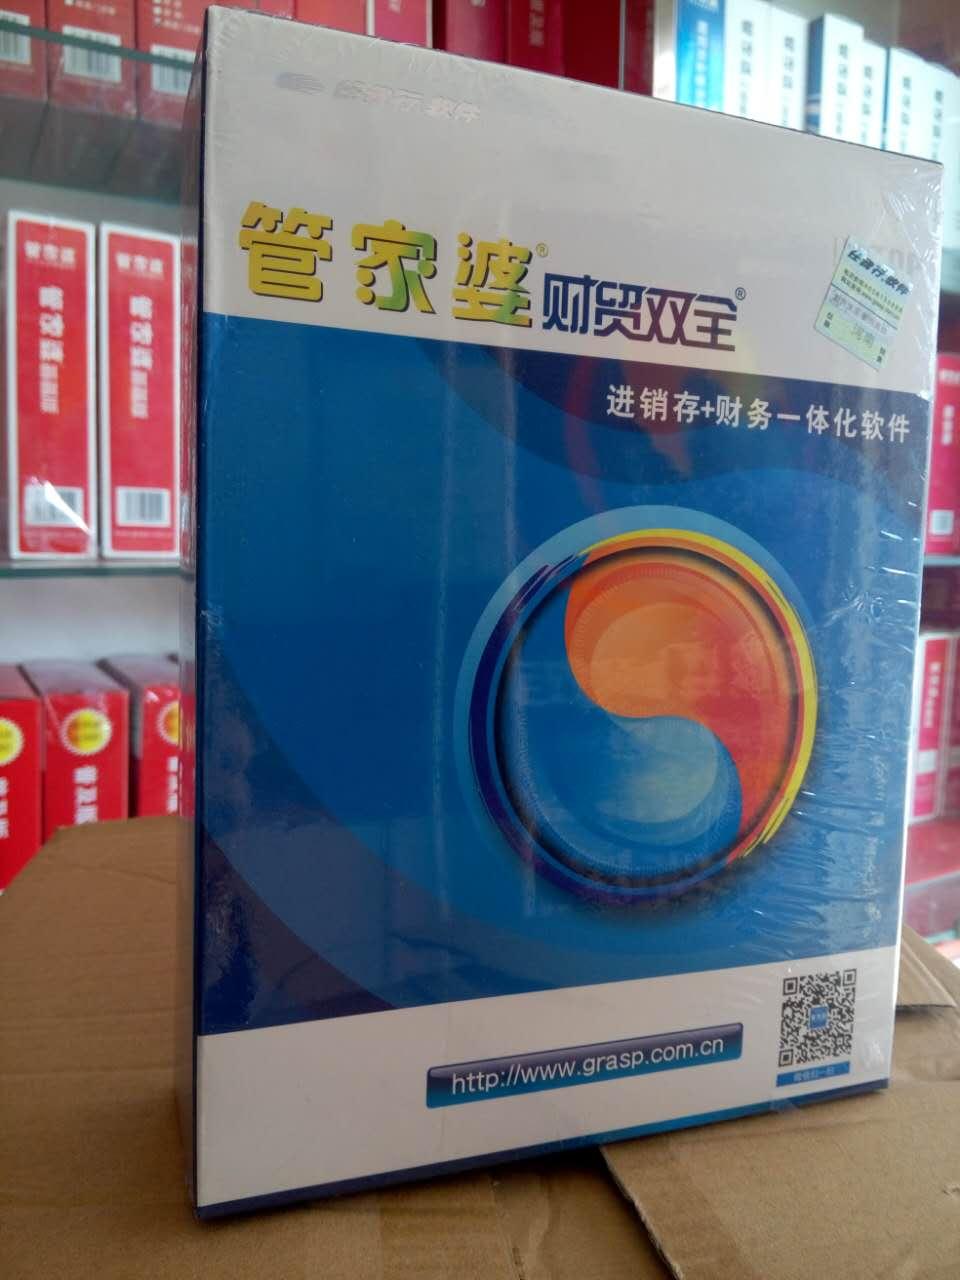 宁陵河南商丘,管家婆中小企业管理软件财贸系列软件价格怎么样